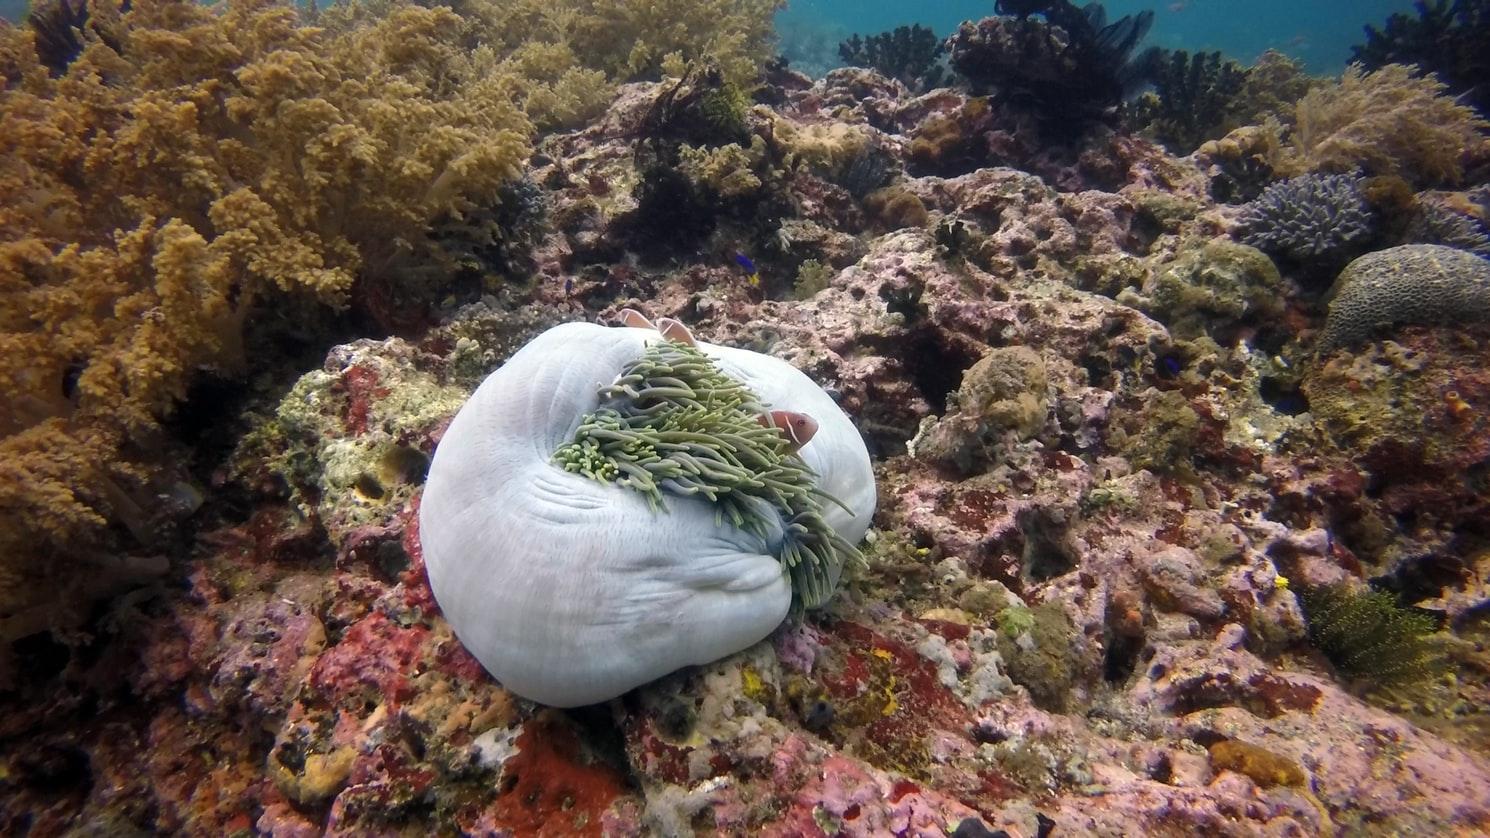 Se prohibirá el turismo en la isla de Komodo, Indonesia